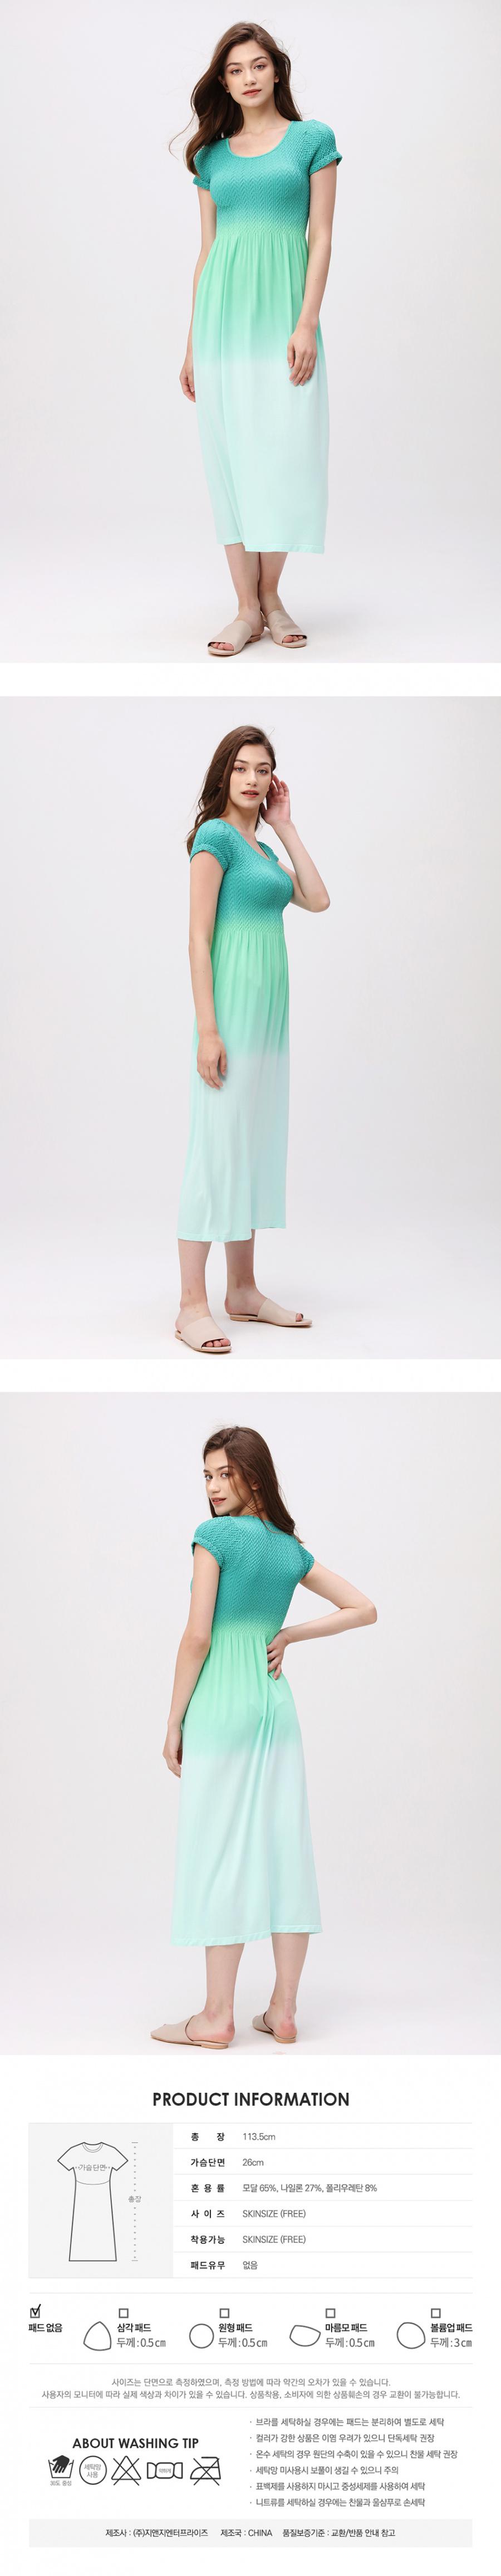 세컨스킨(SEKANSKEEN) 스마킹 그라데이션 반팔 드레스 E9WSD9012 (GREEN)